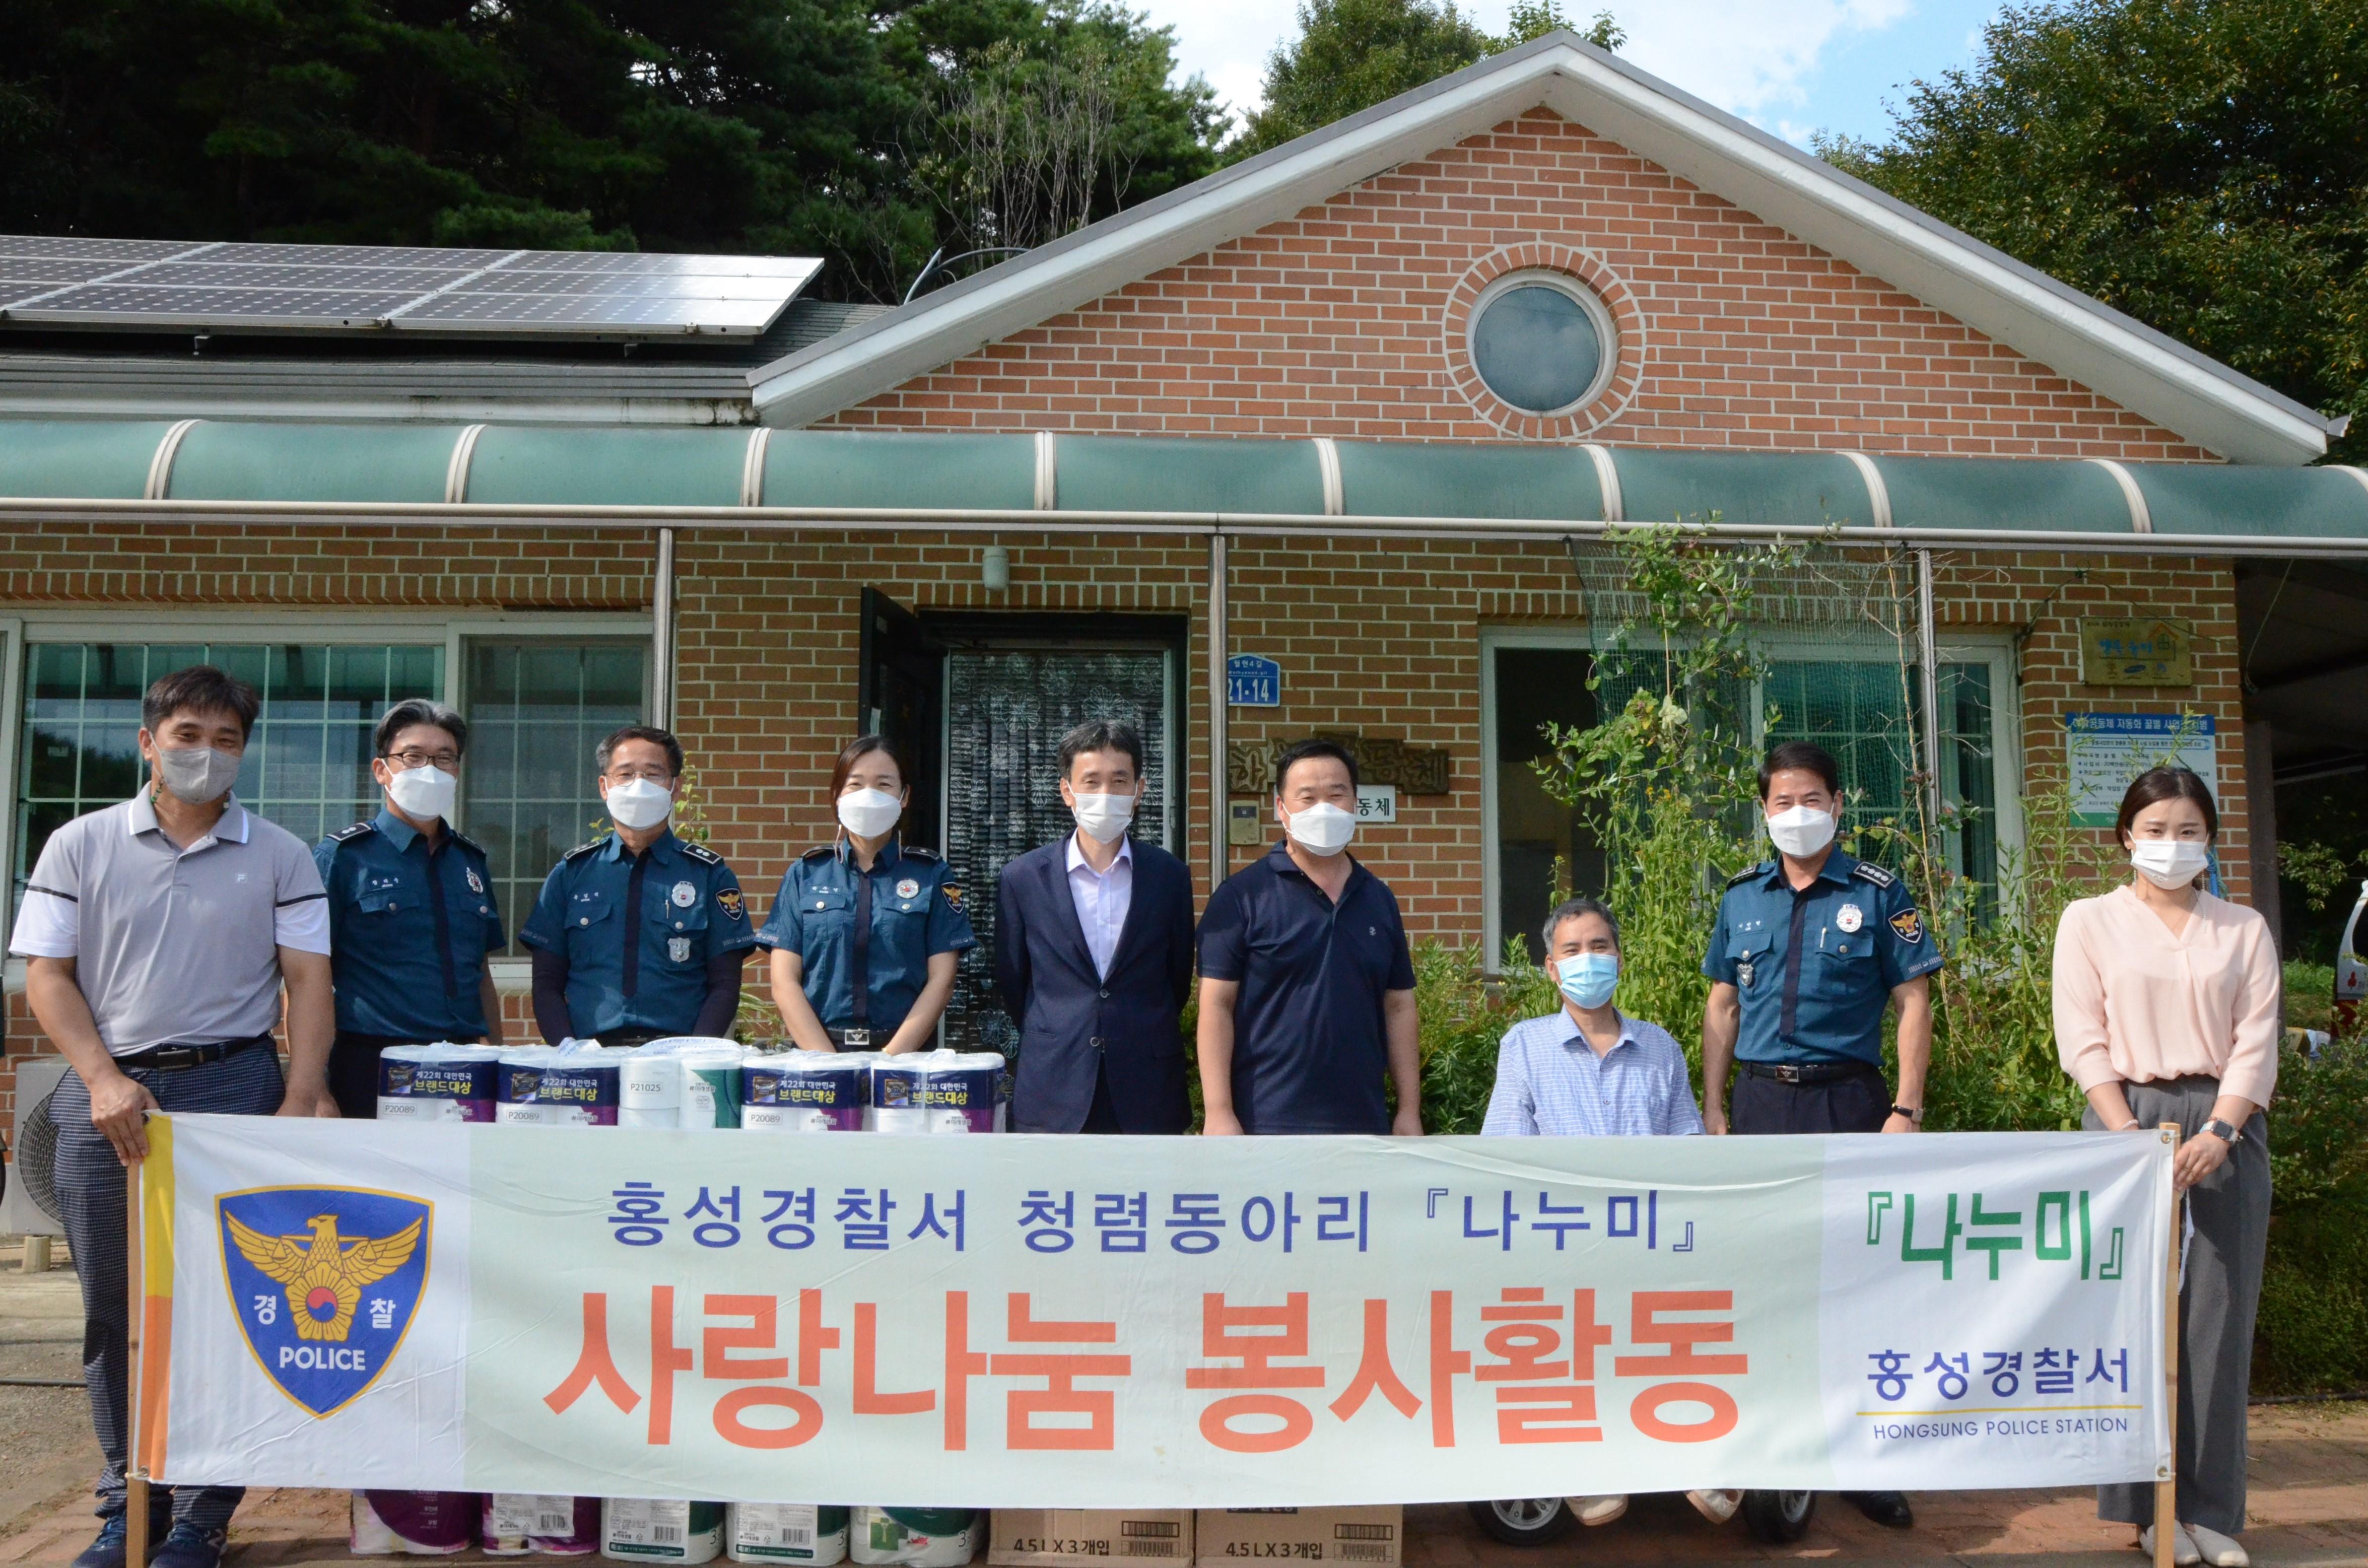 21.8.18 홍성경찰서(서장 이만형) 청념동아리 나누미 위문